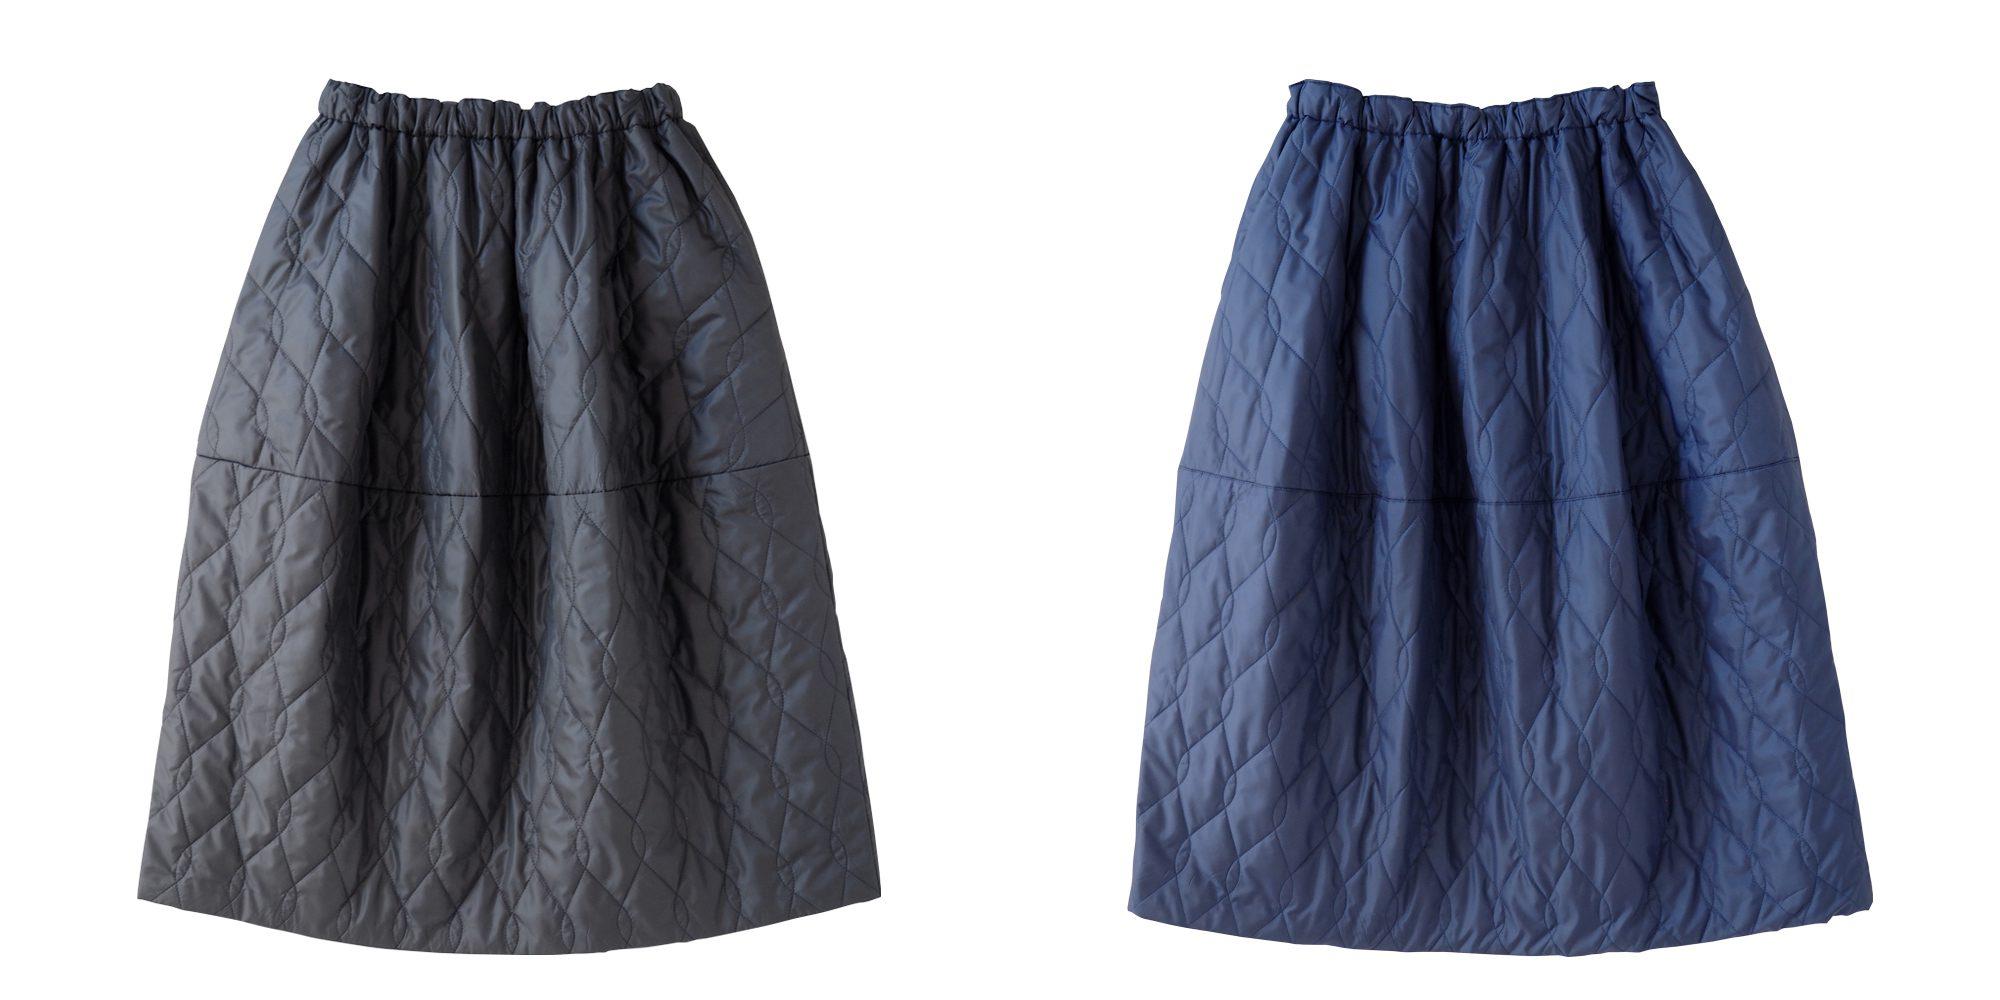 aa.キルティングスカート